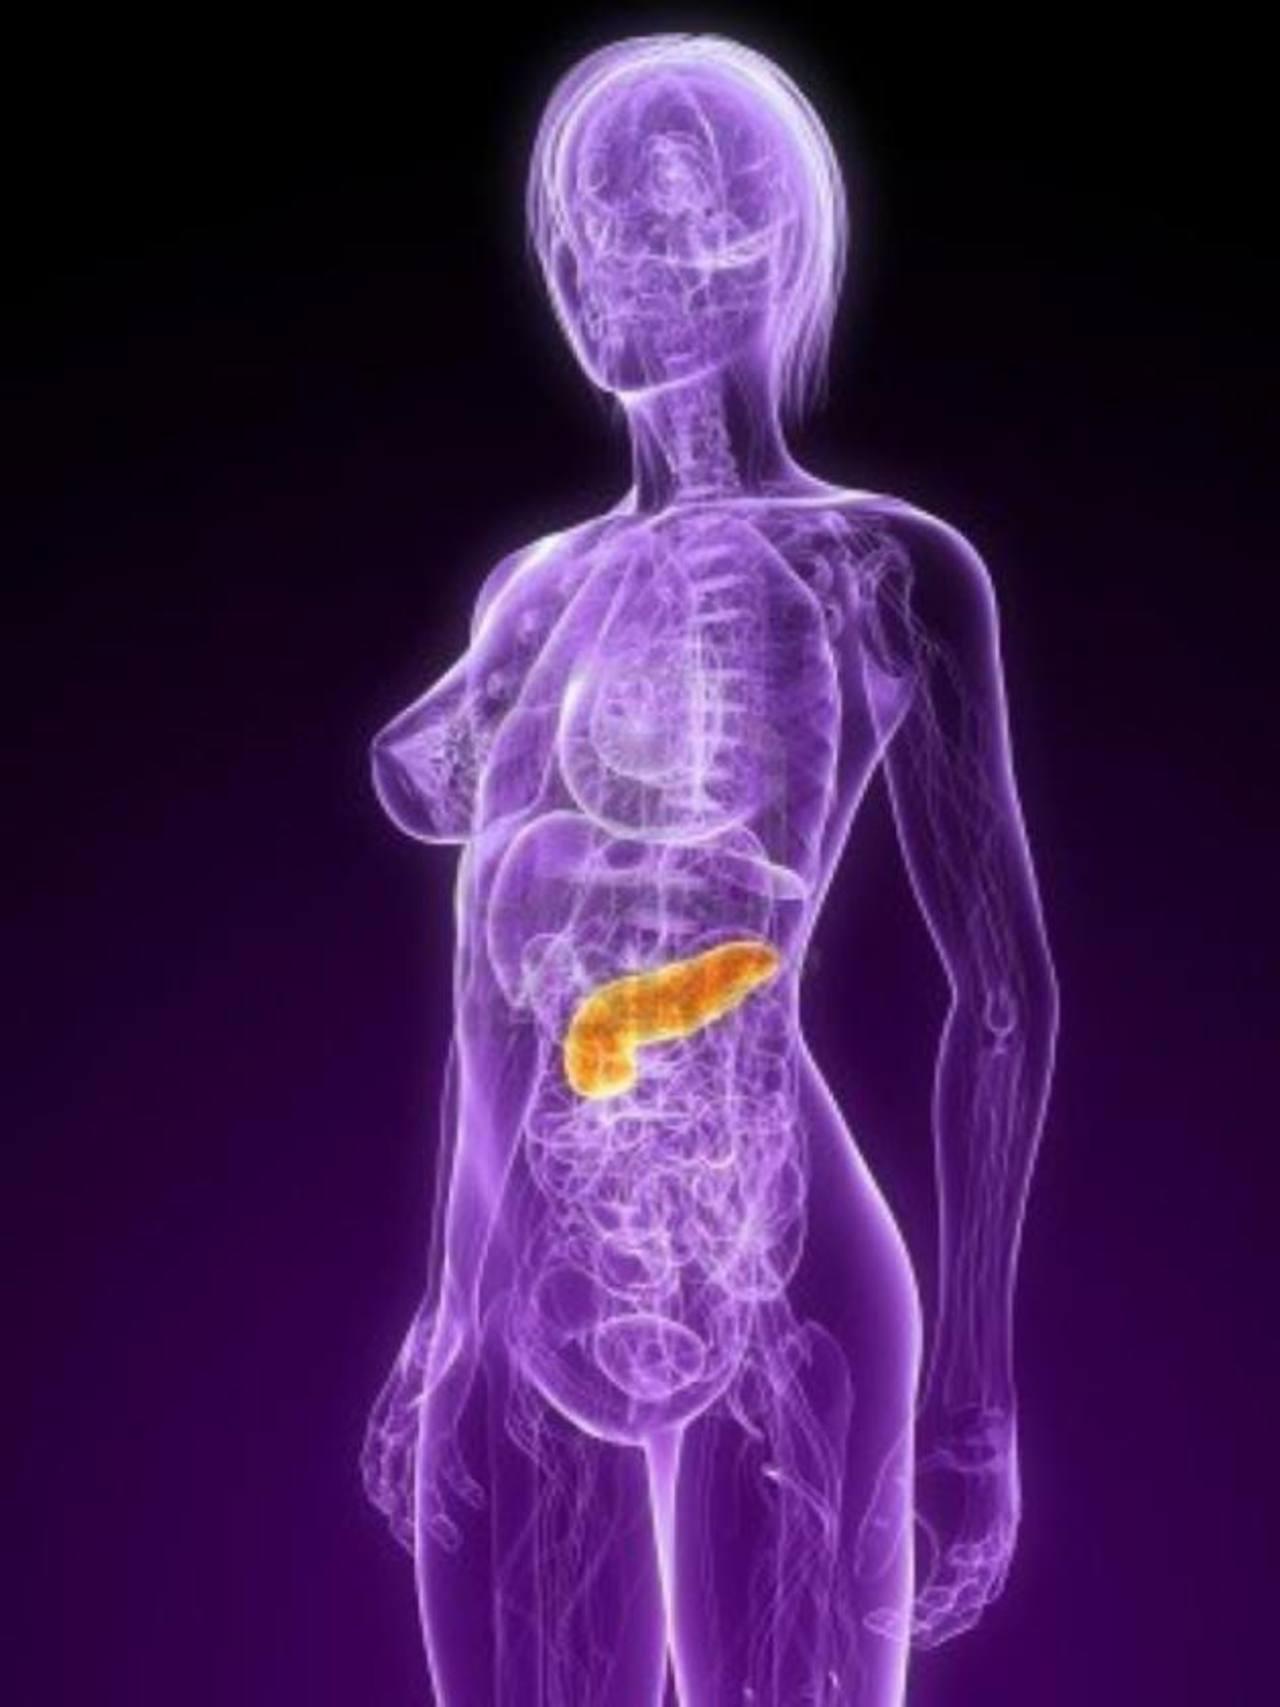 Bazo artificial funciona con éxito en el organismo | elsalvador.com